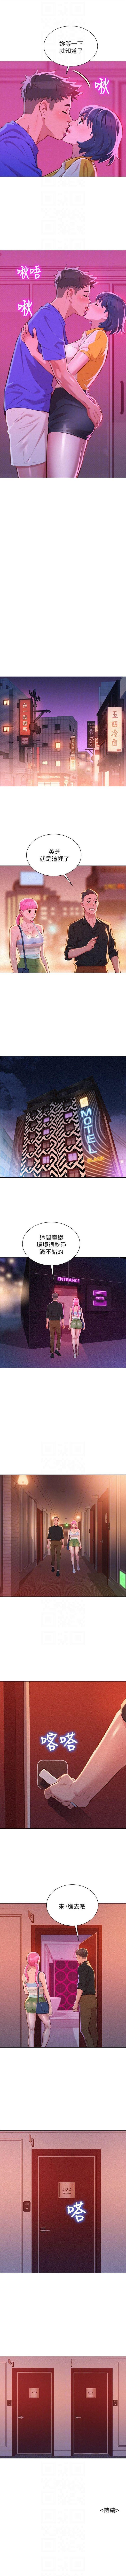 (周7)漂亮干姐姐  1-81 中文翻译 (更新中) 281